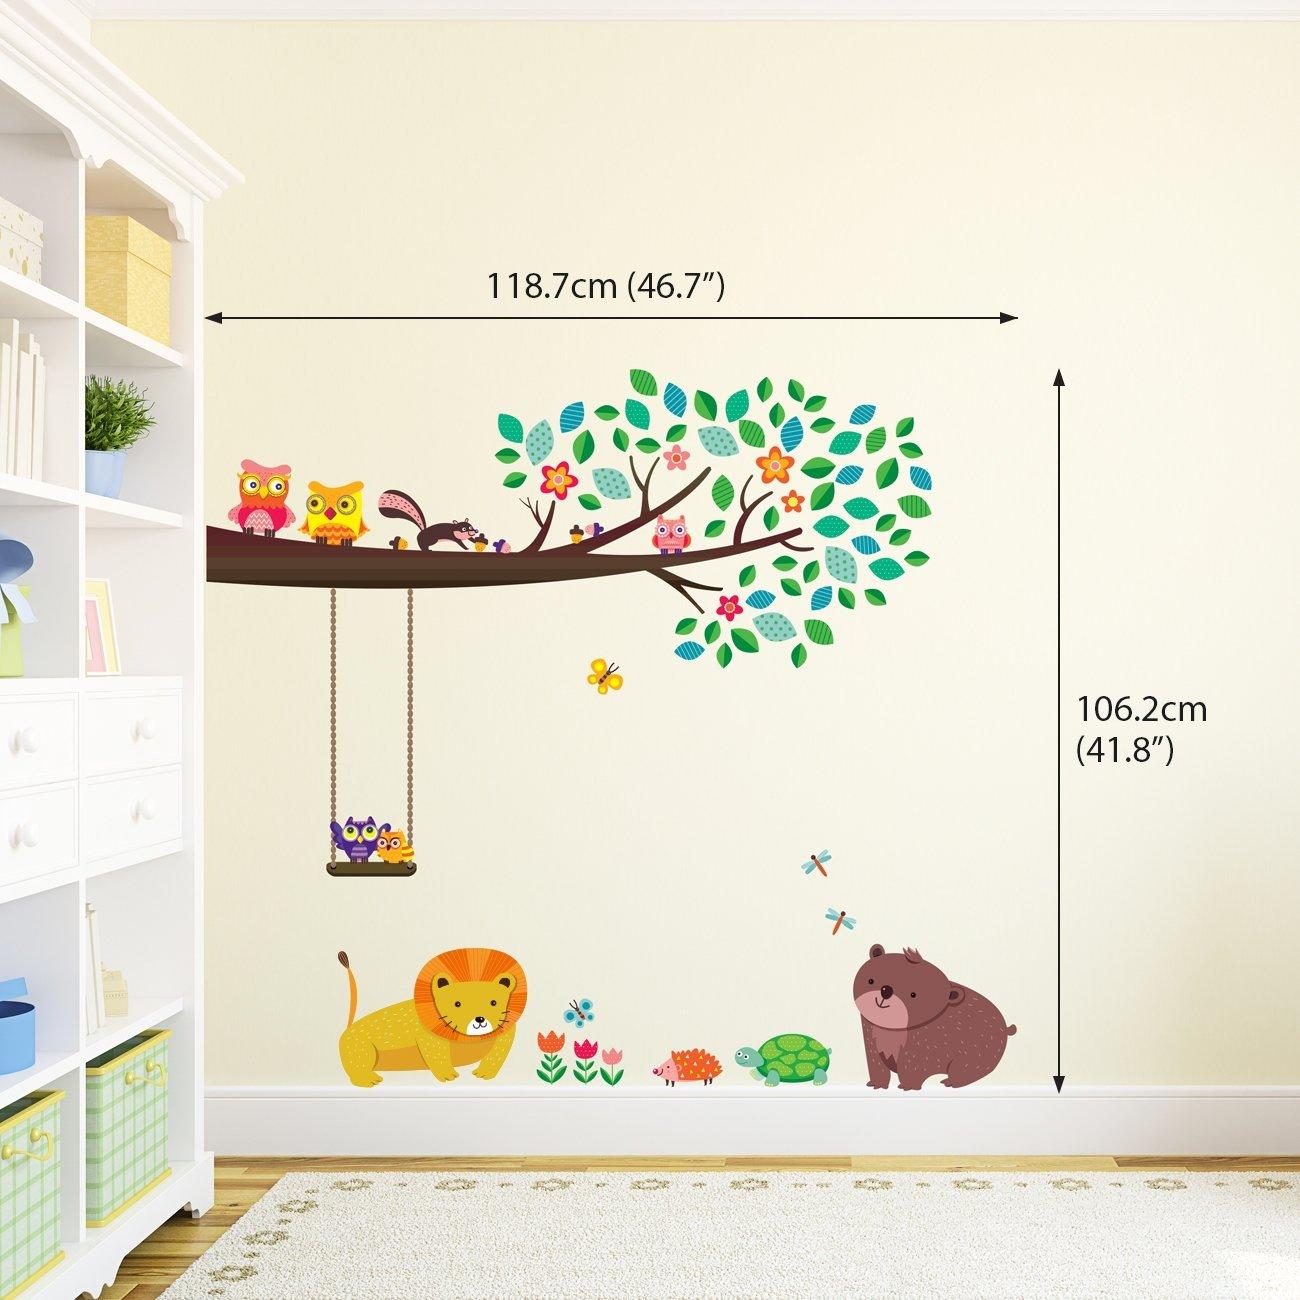 Decowall DW-1410 Grosse Branche /& Chouettes Autocollants Muraux Mural Stickers Chambre Enfants B/éb/é Garderie Salon